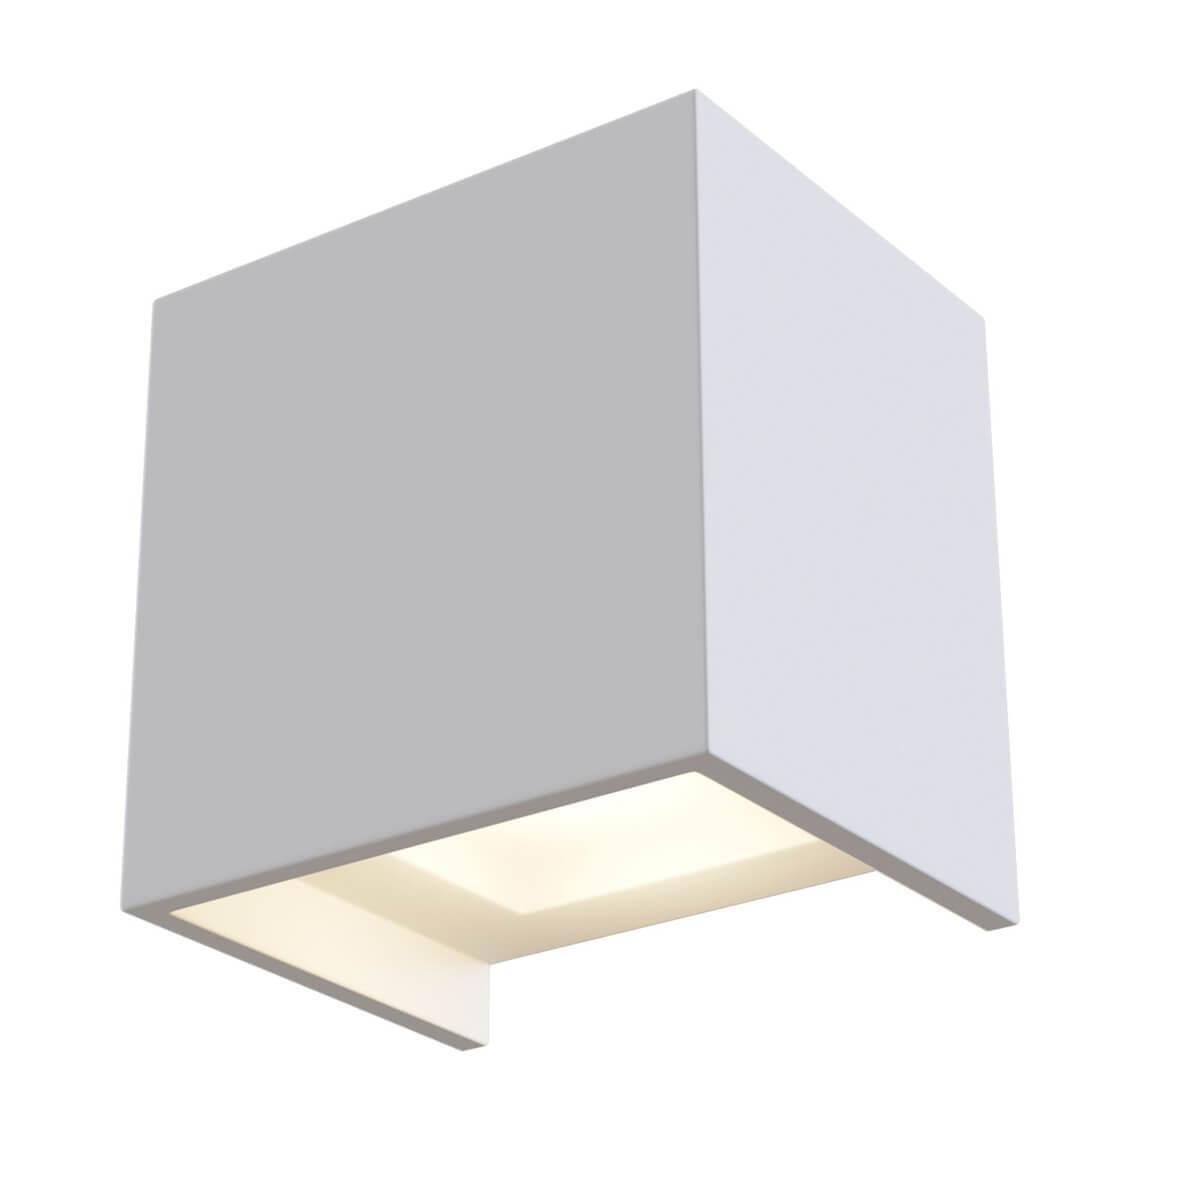 Фото - Светильник Maytoni C155-WL-02-3W-W Parma (Возможна покраска) настенный светодиодный светильник maytoni c123 wl 02 3w w